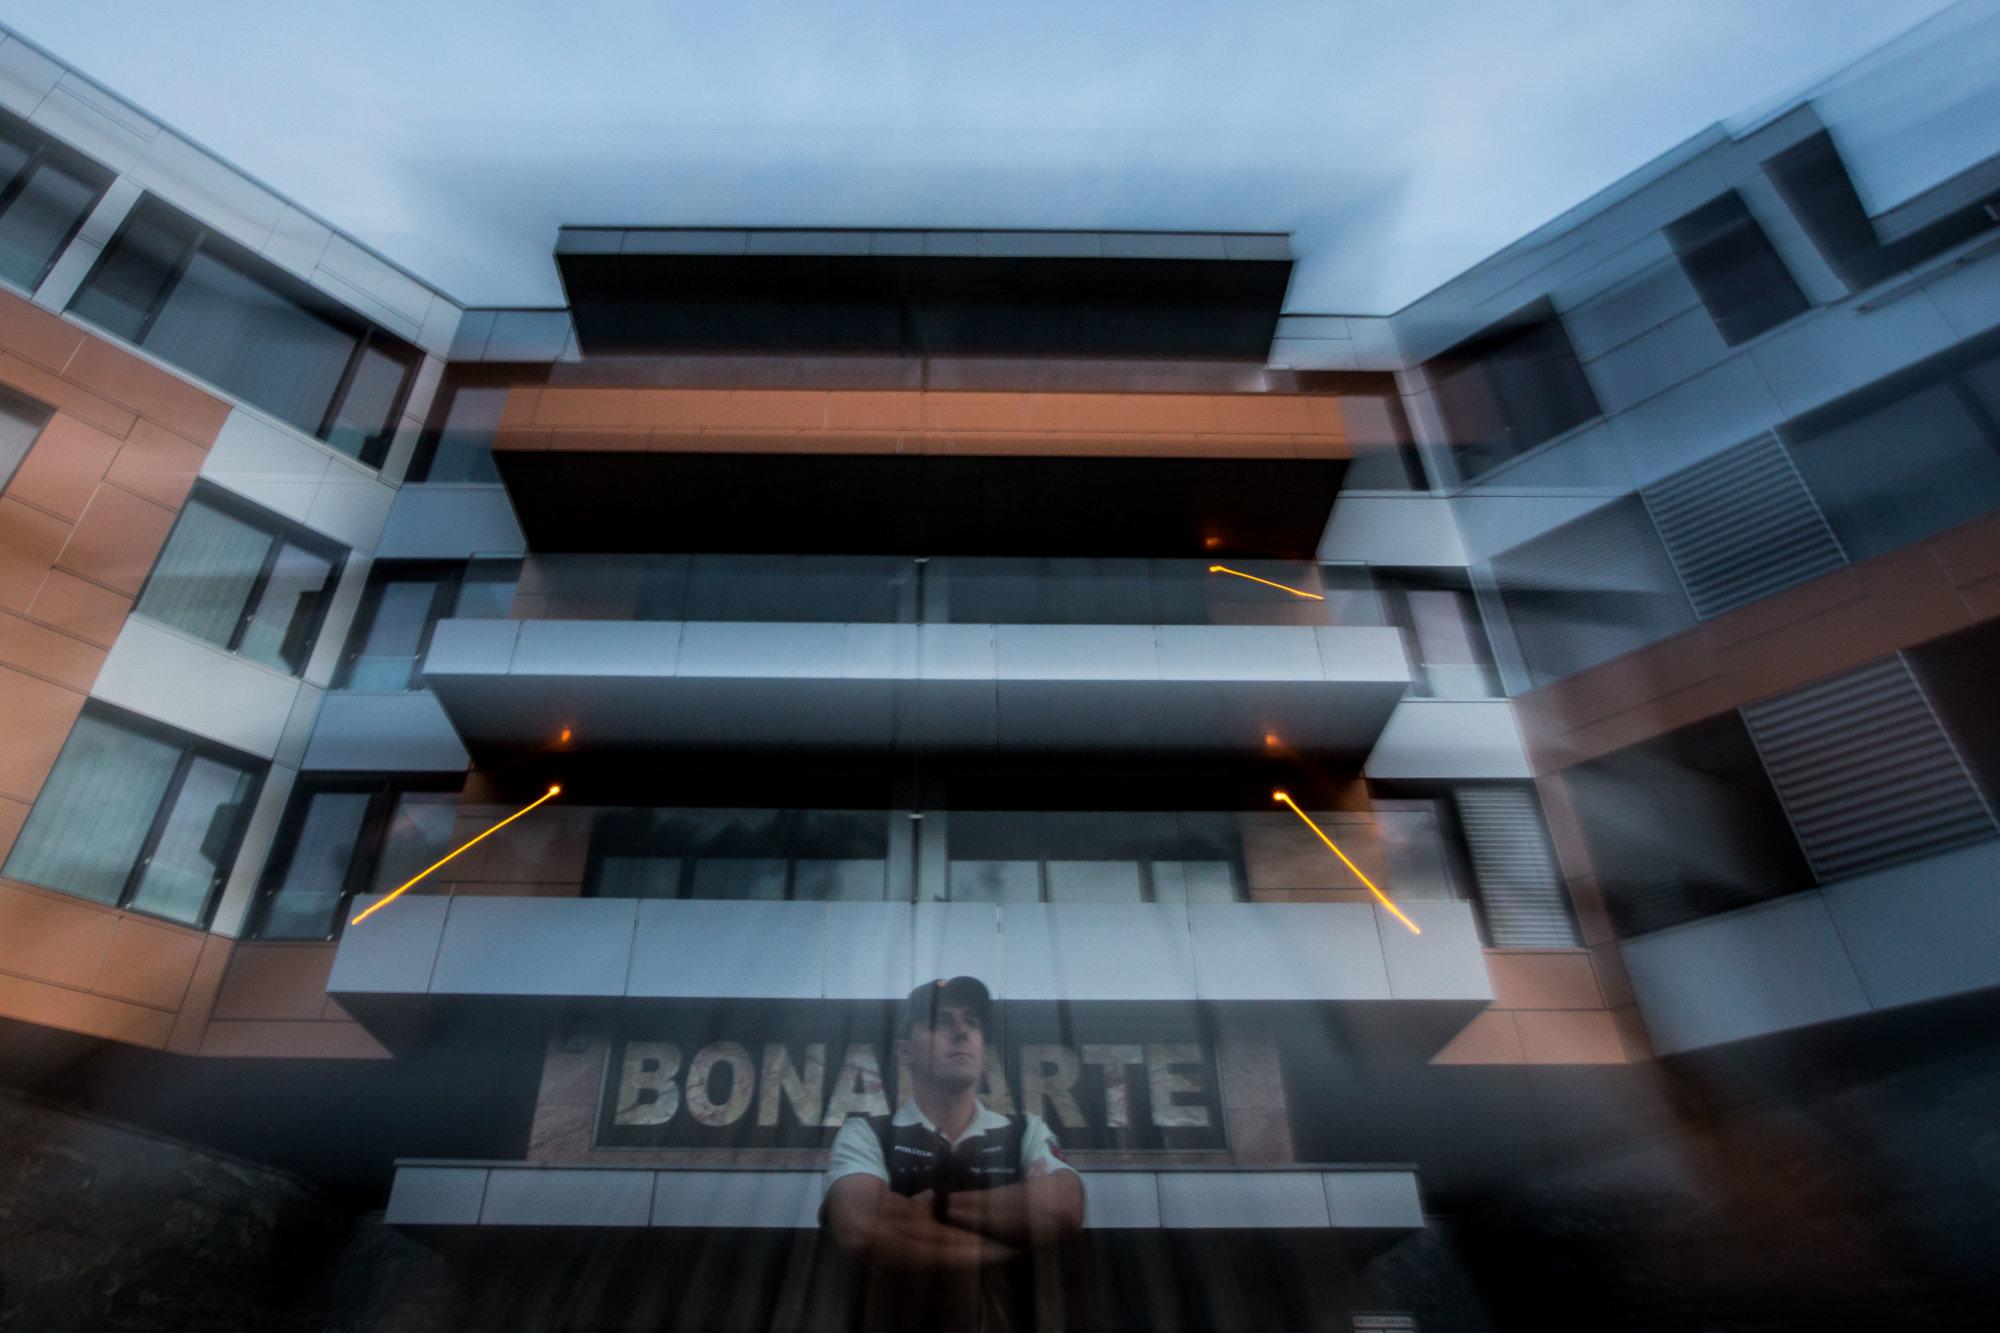 Zsuzsovú vypočujú aj o stavbe Bonaparte: Bašternákovi údajne pomáhala likvidovať dôkazy – Denník N